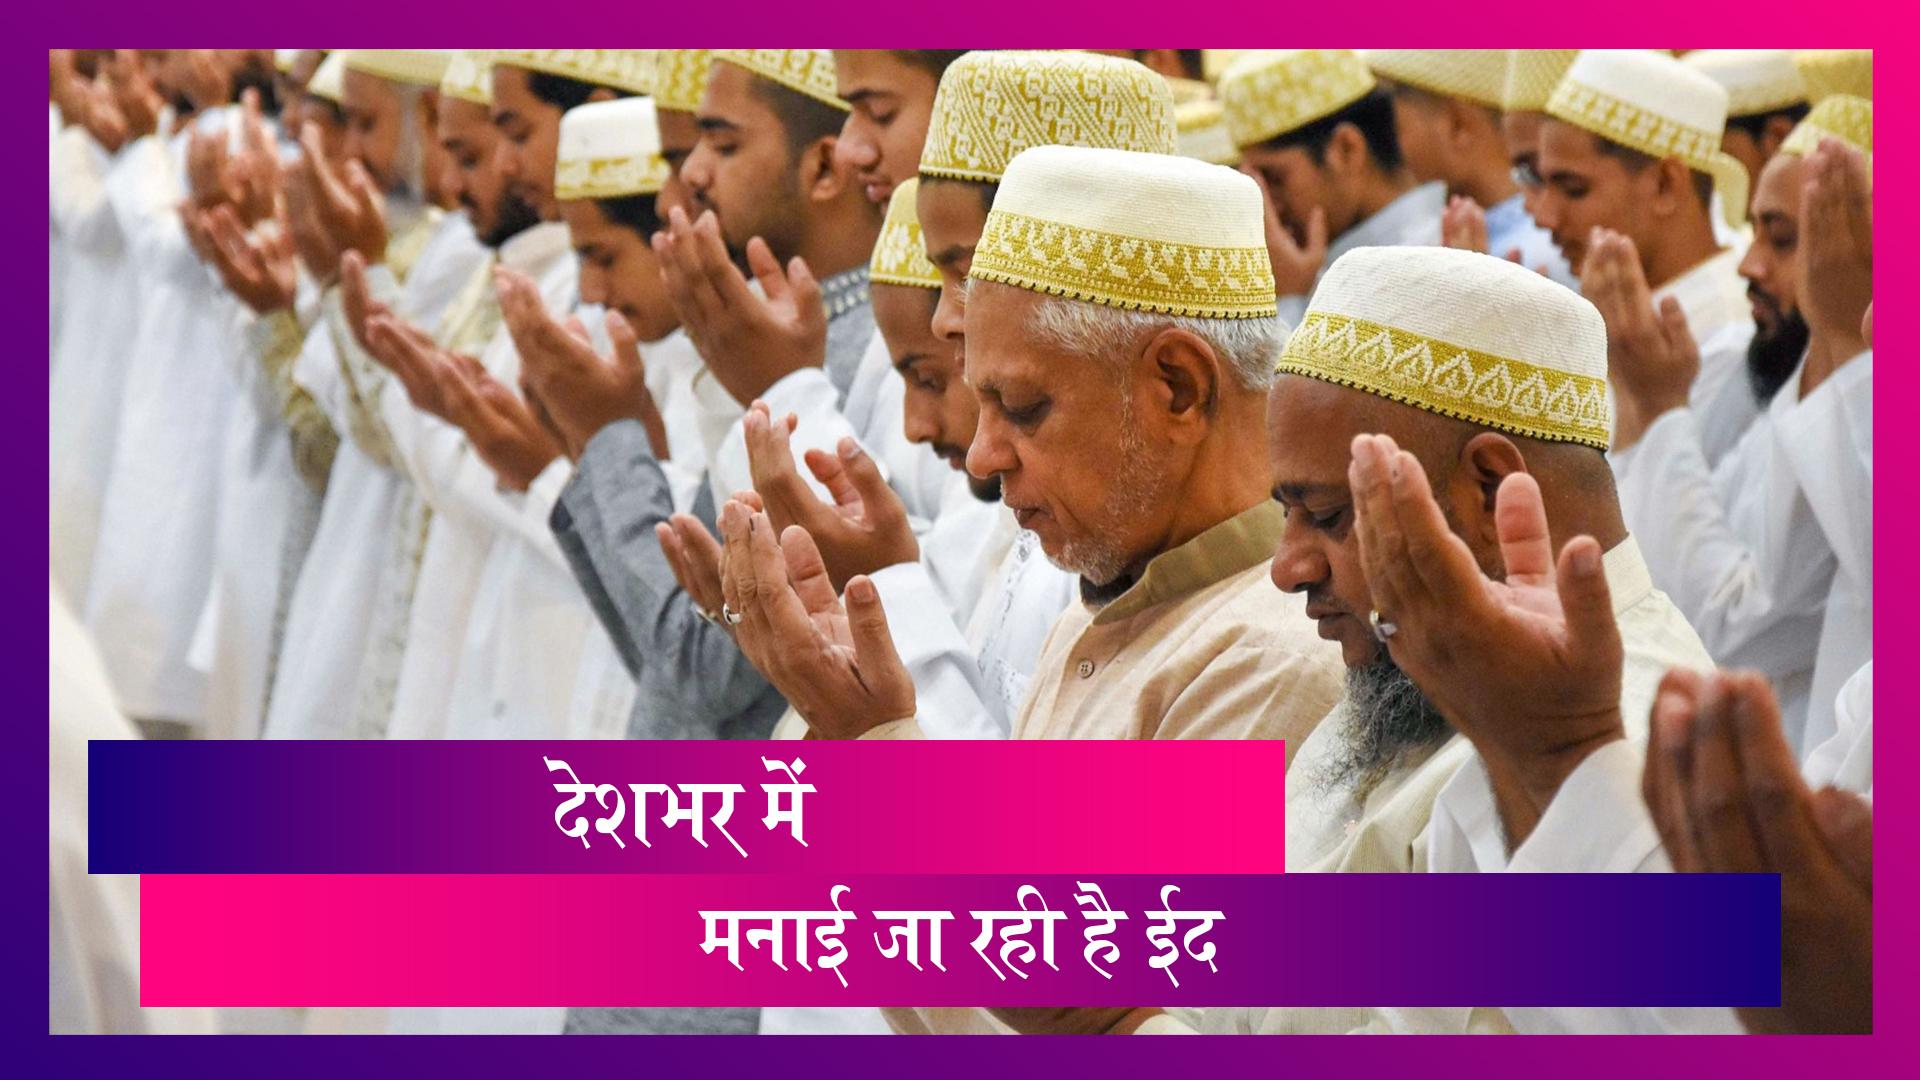 EID-UL-ADHA 2019: जानिए आज के दिन की खासियत, महत्व और क्यों मनाते हैं ईद